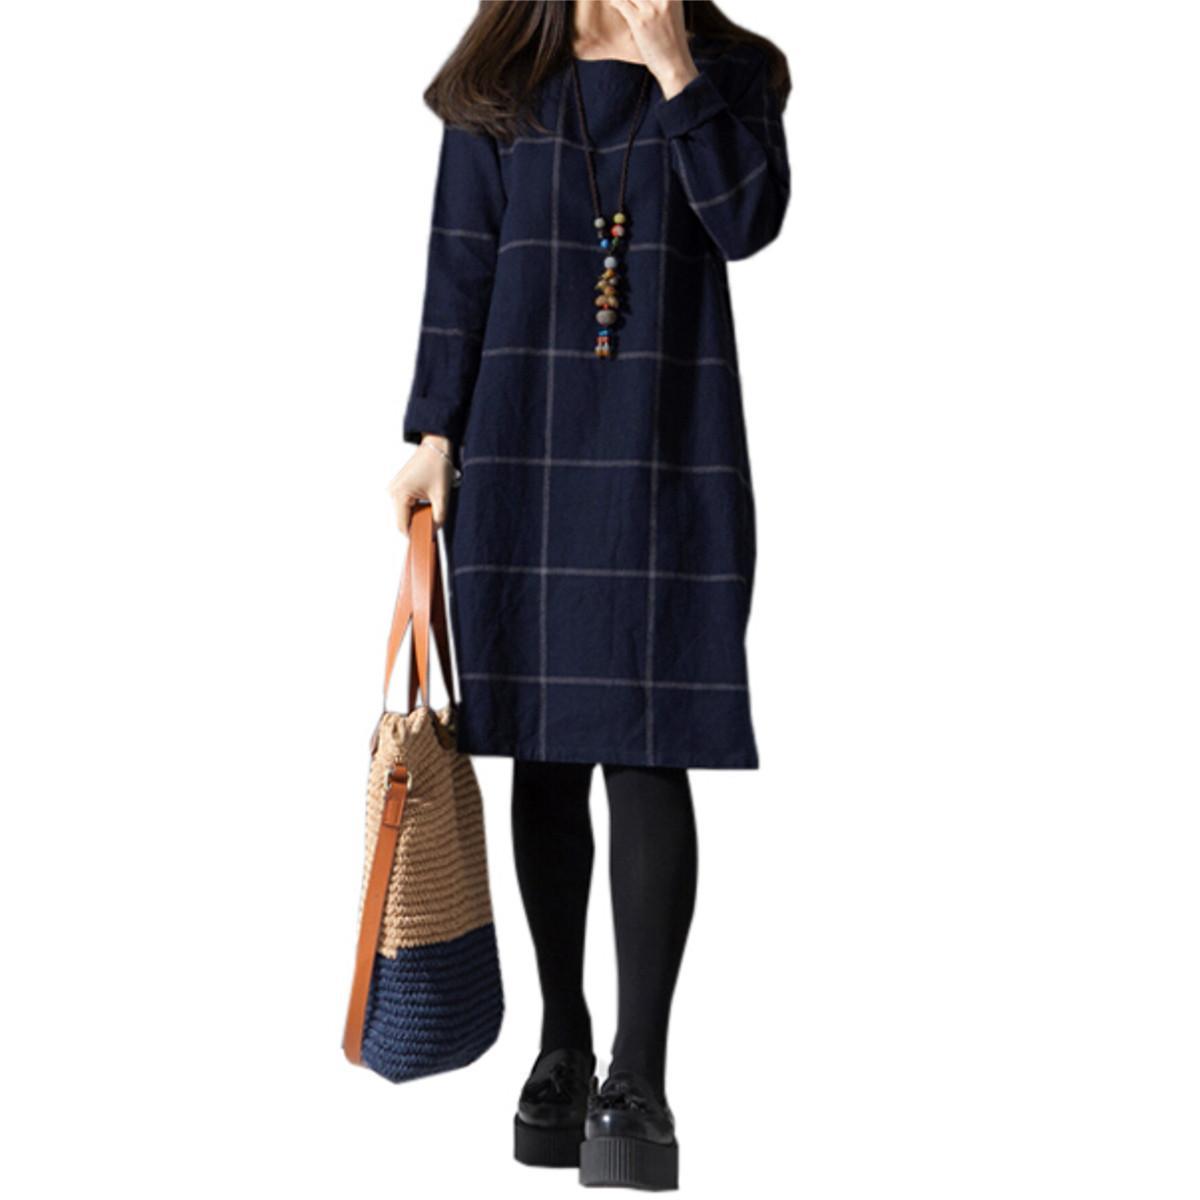 Zanzea vestidos ربيع الخريف المرأة الأزياء منقوشة اللباس زائد الحجم س الرقبة طويلة الأكمام جيوب بطول الركبة فساتين عارضة فضفاض